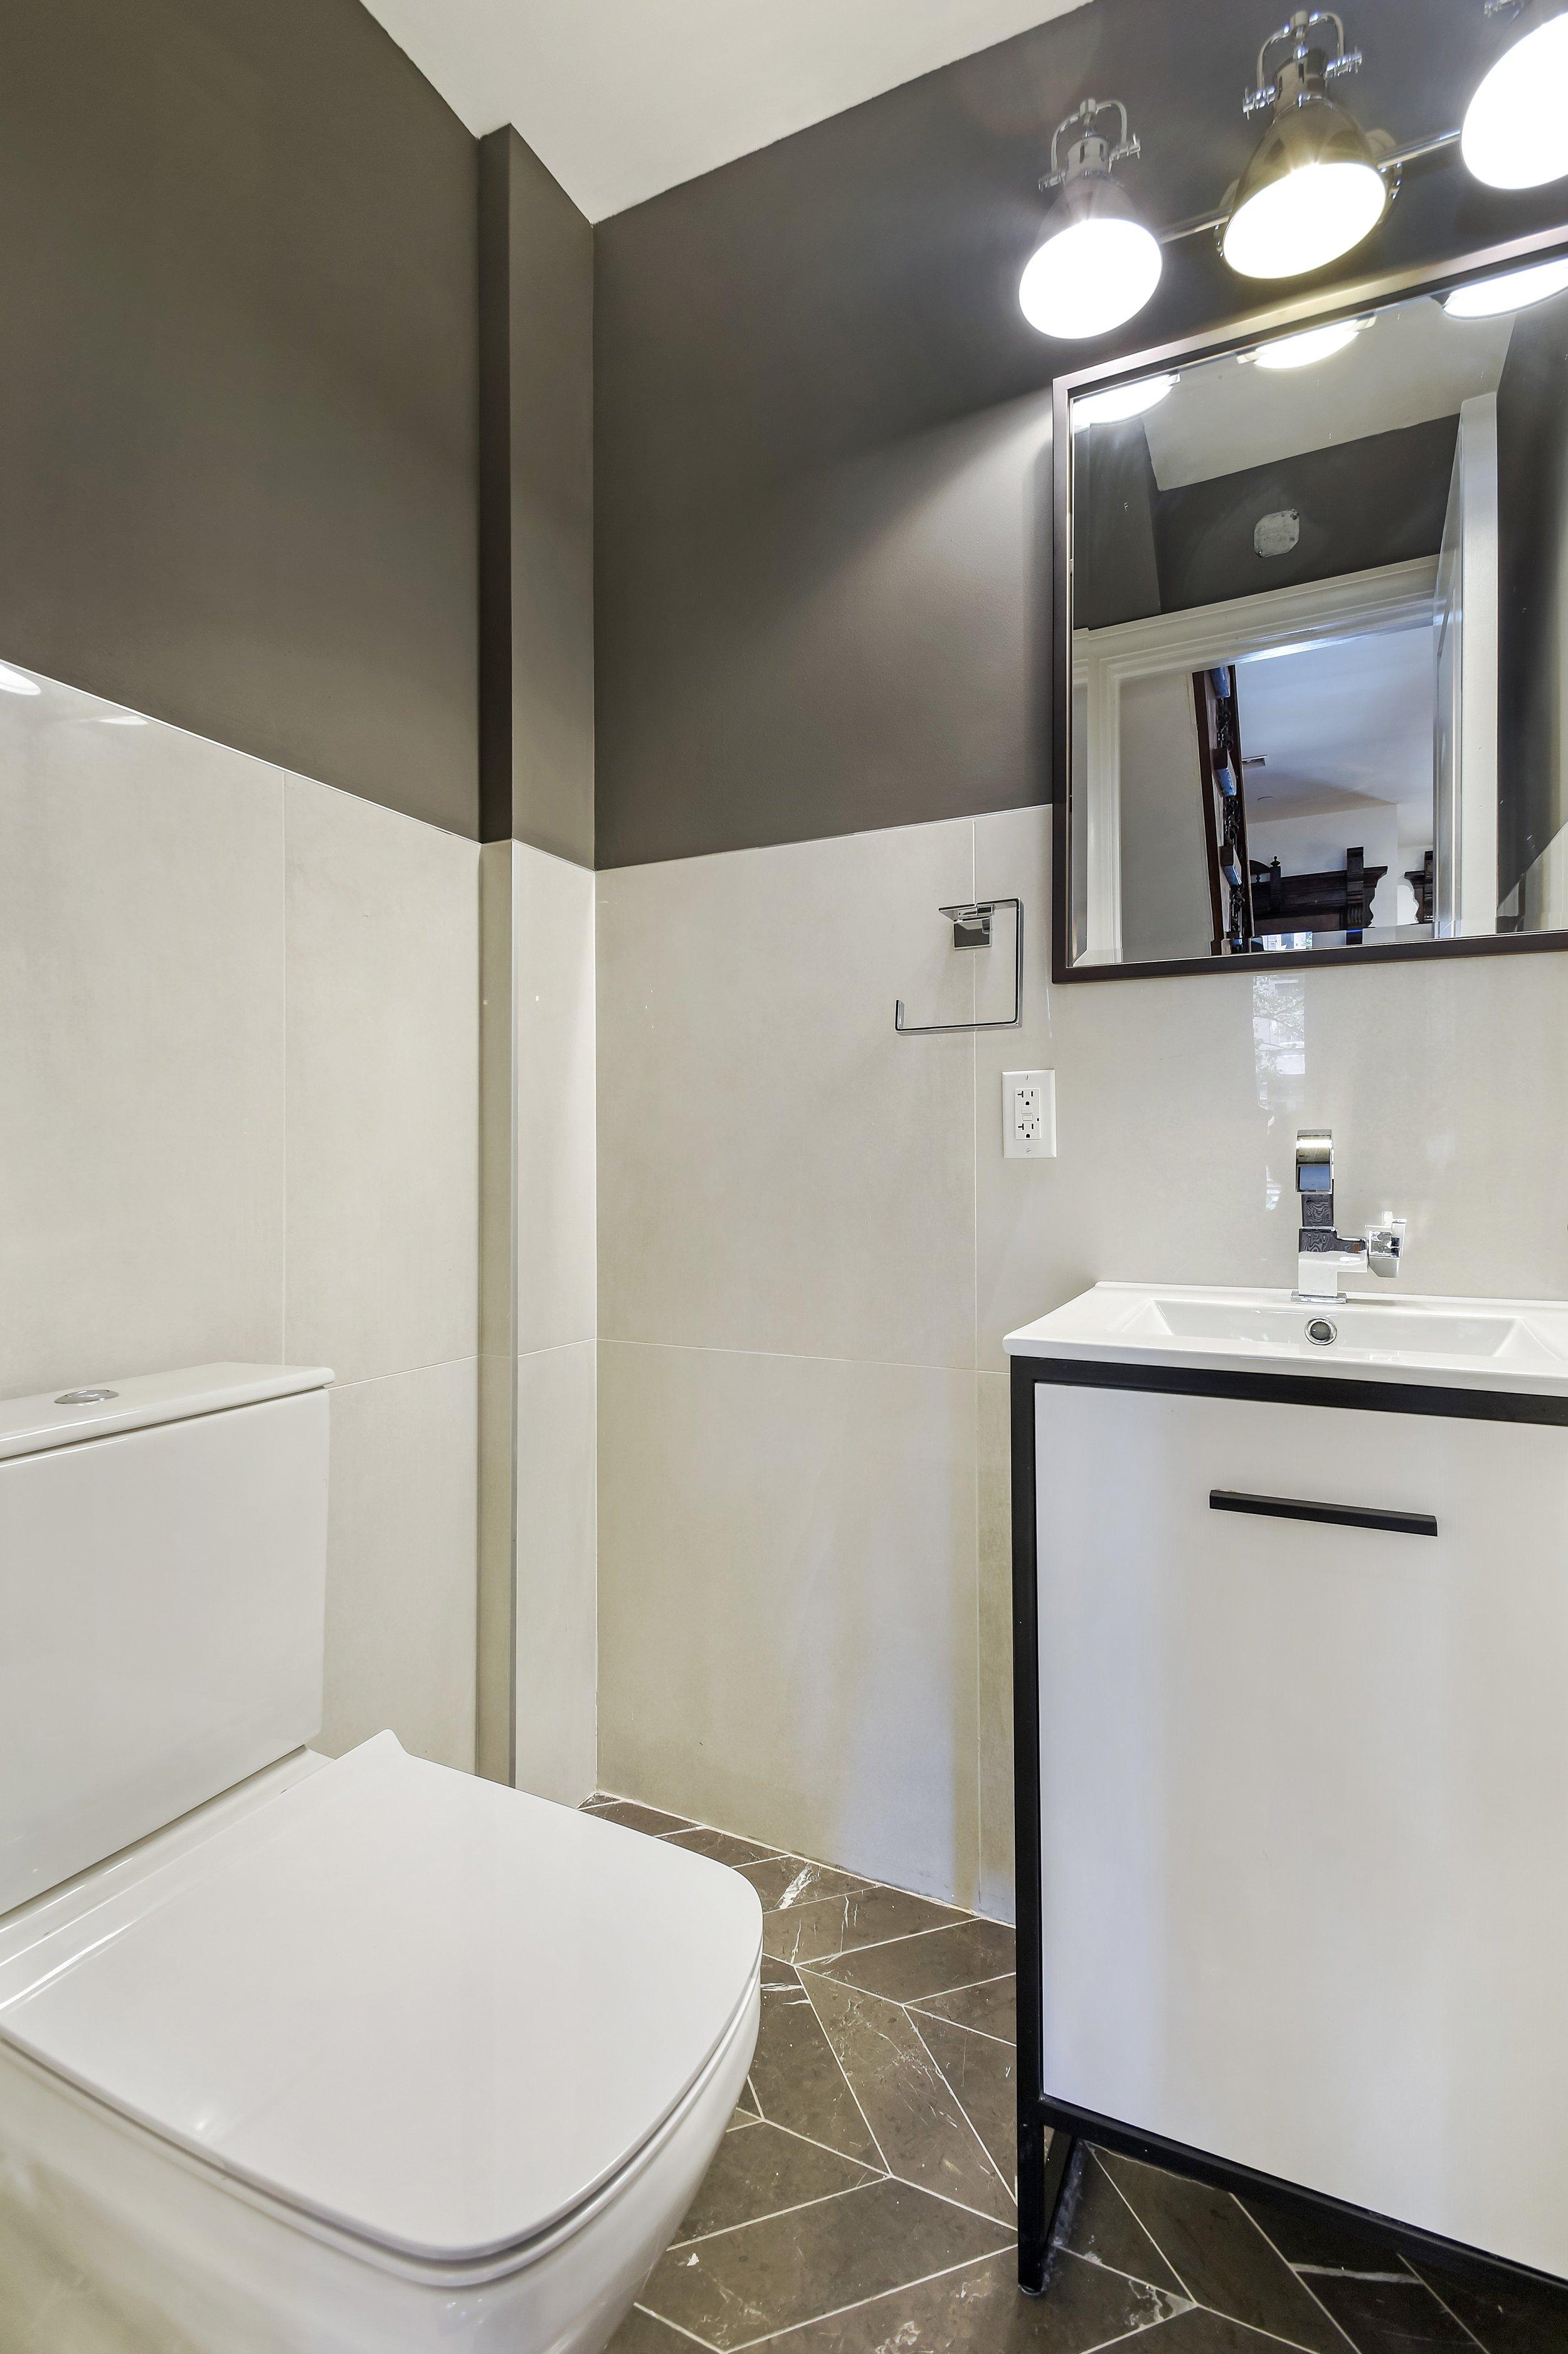 13_488MadisonSt_8001_Bathroom_HiRes.jpg